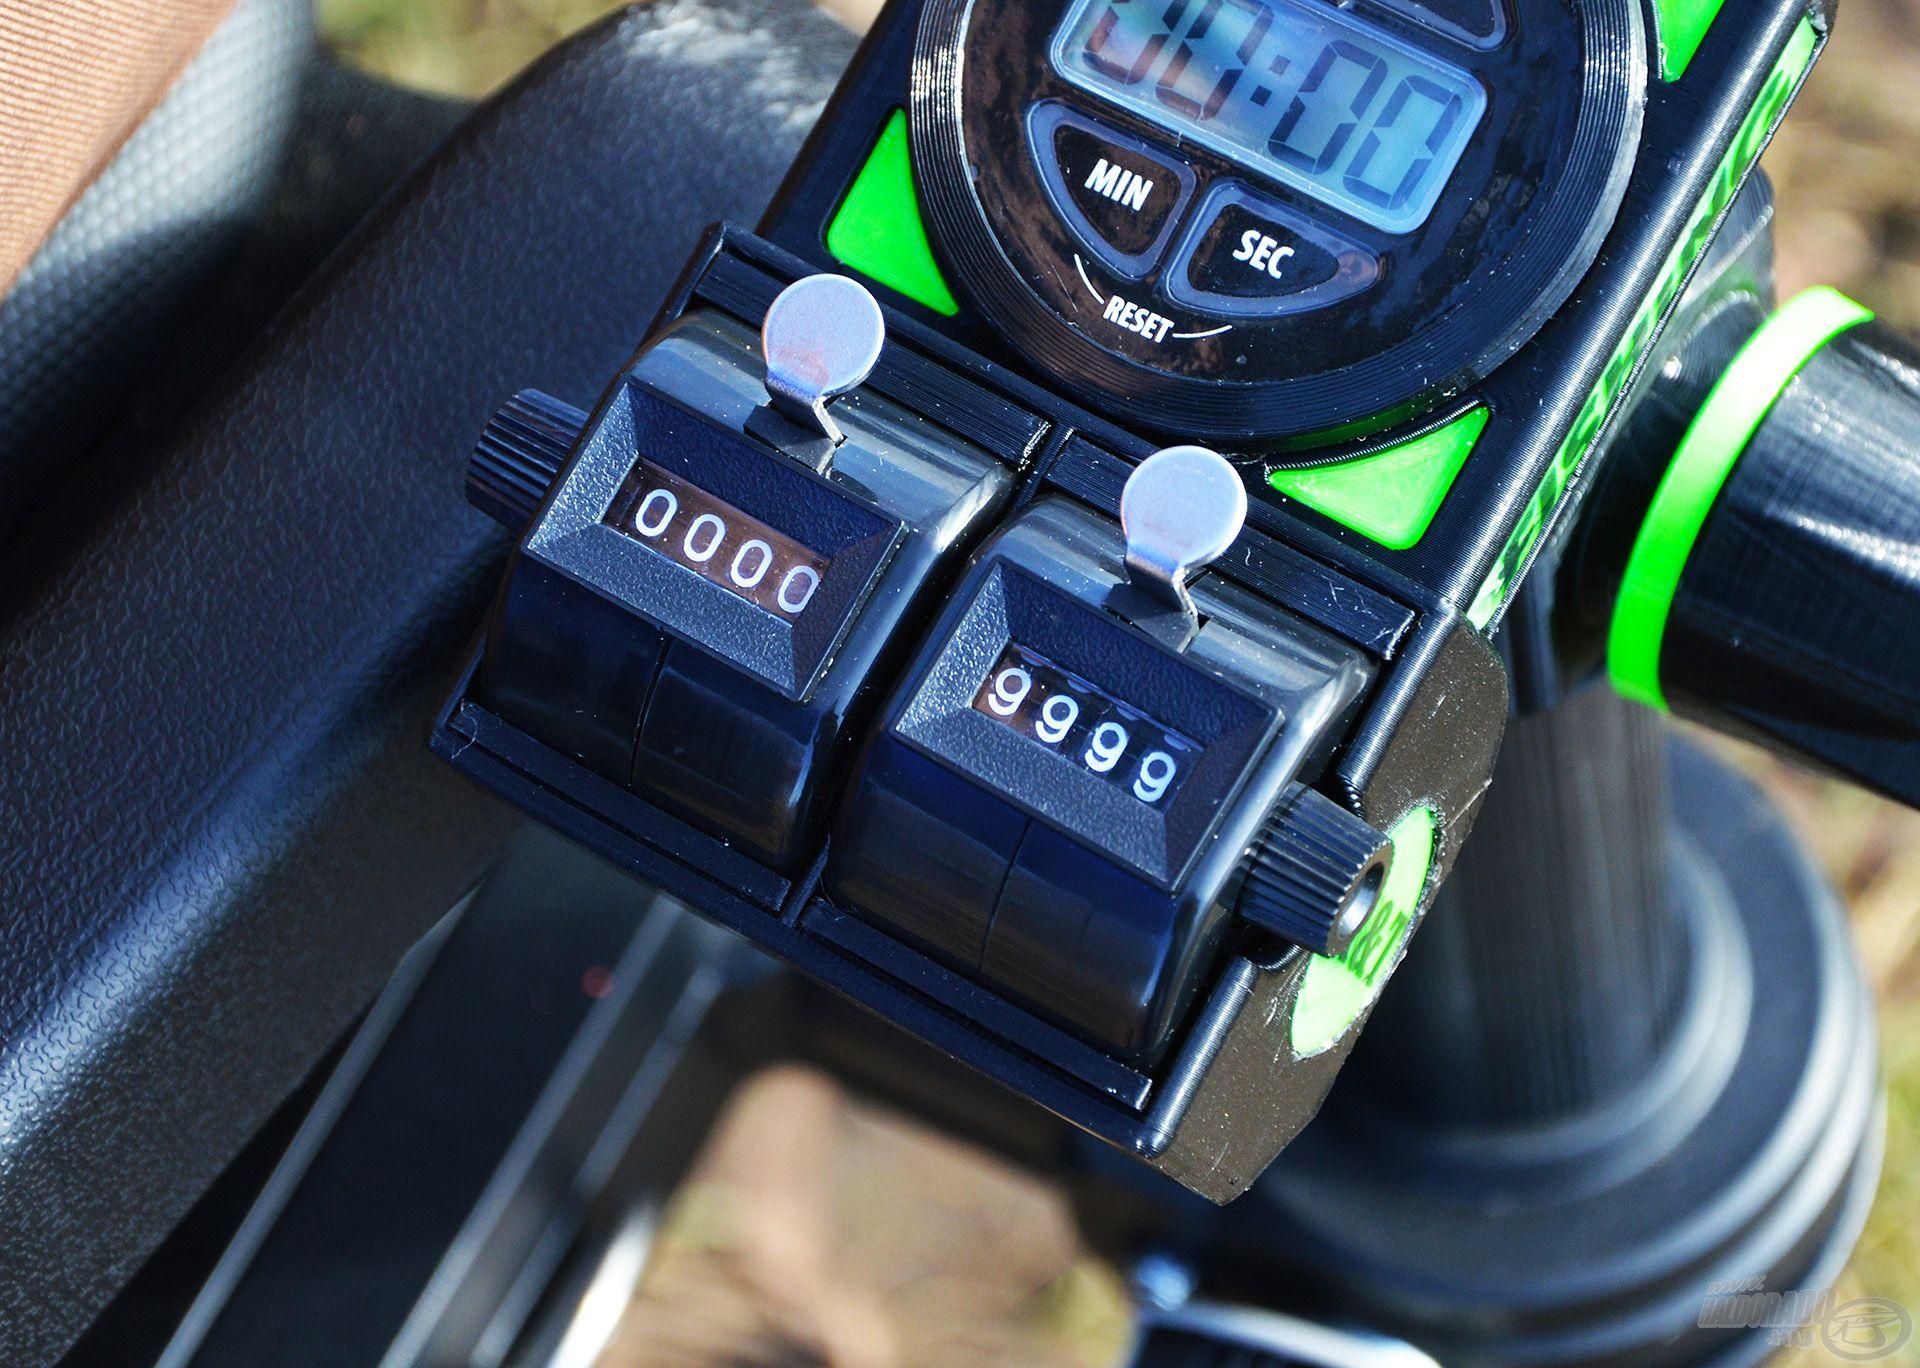 A mechanikus kézi számlálók 0000 és 9999 közötti értéken tudnak számolni